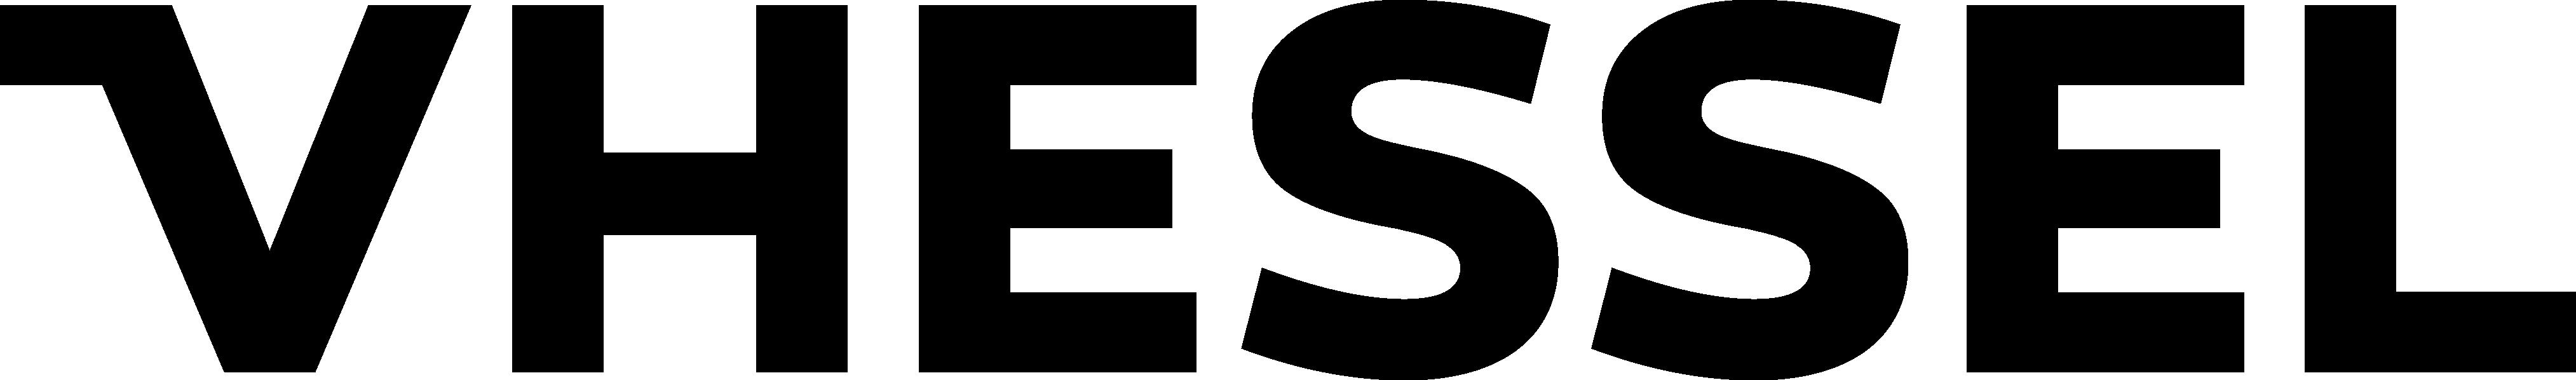 vhessel-logo